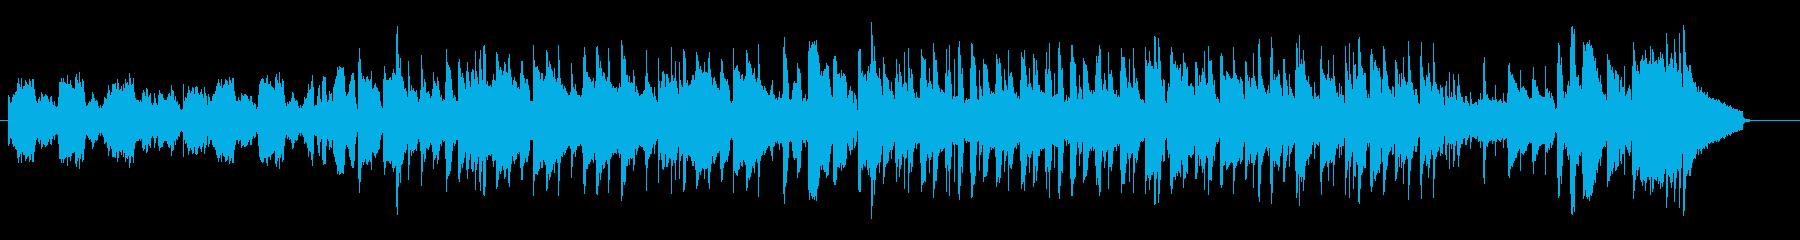 哀愁漂うケルト風のBGMです。フィドル…の再生済みの波形